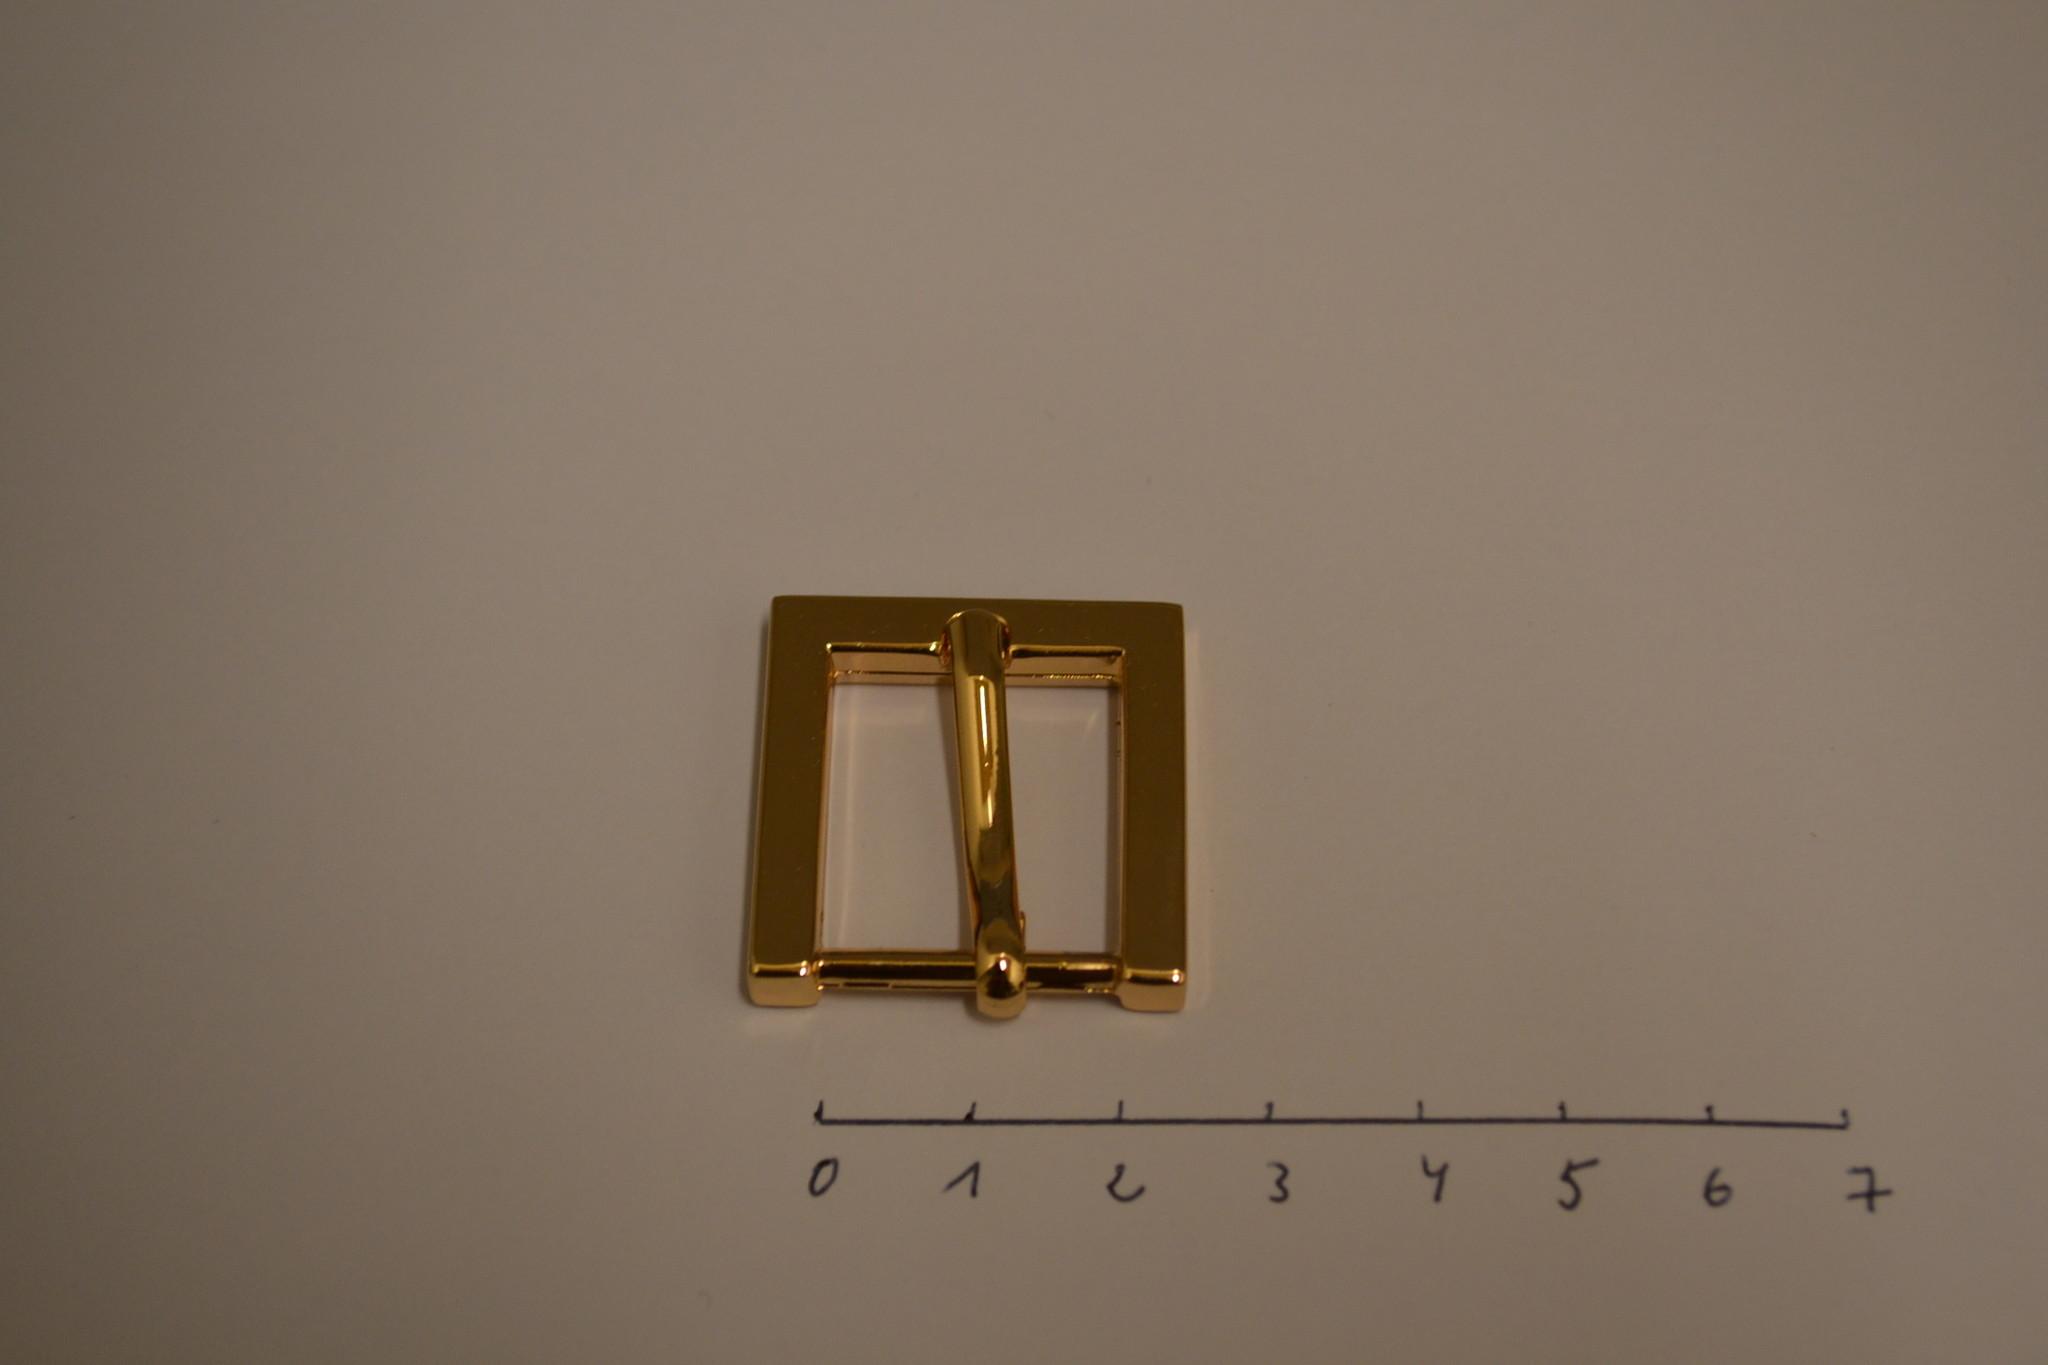 BU33 Vierkante gesp 20mm rosé goud